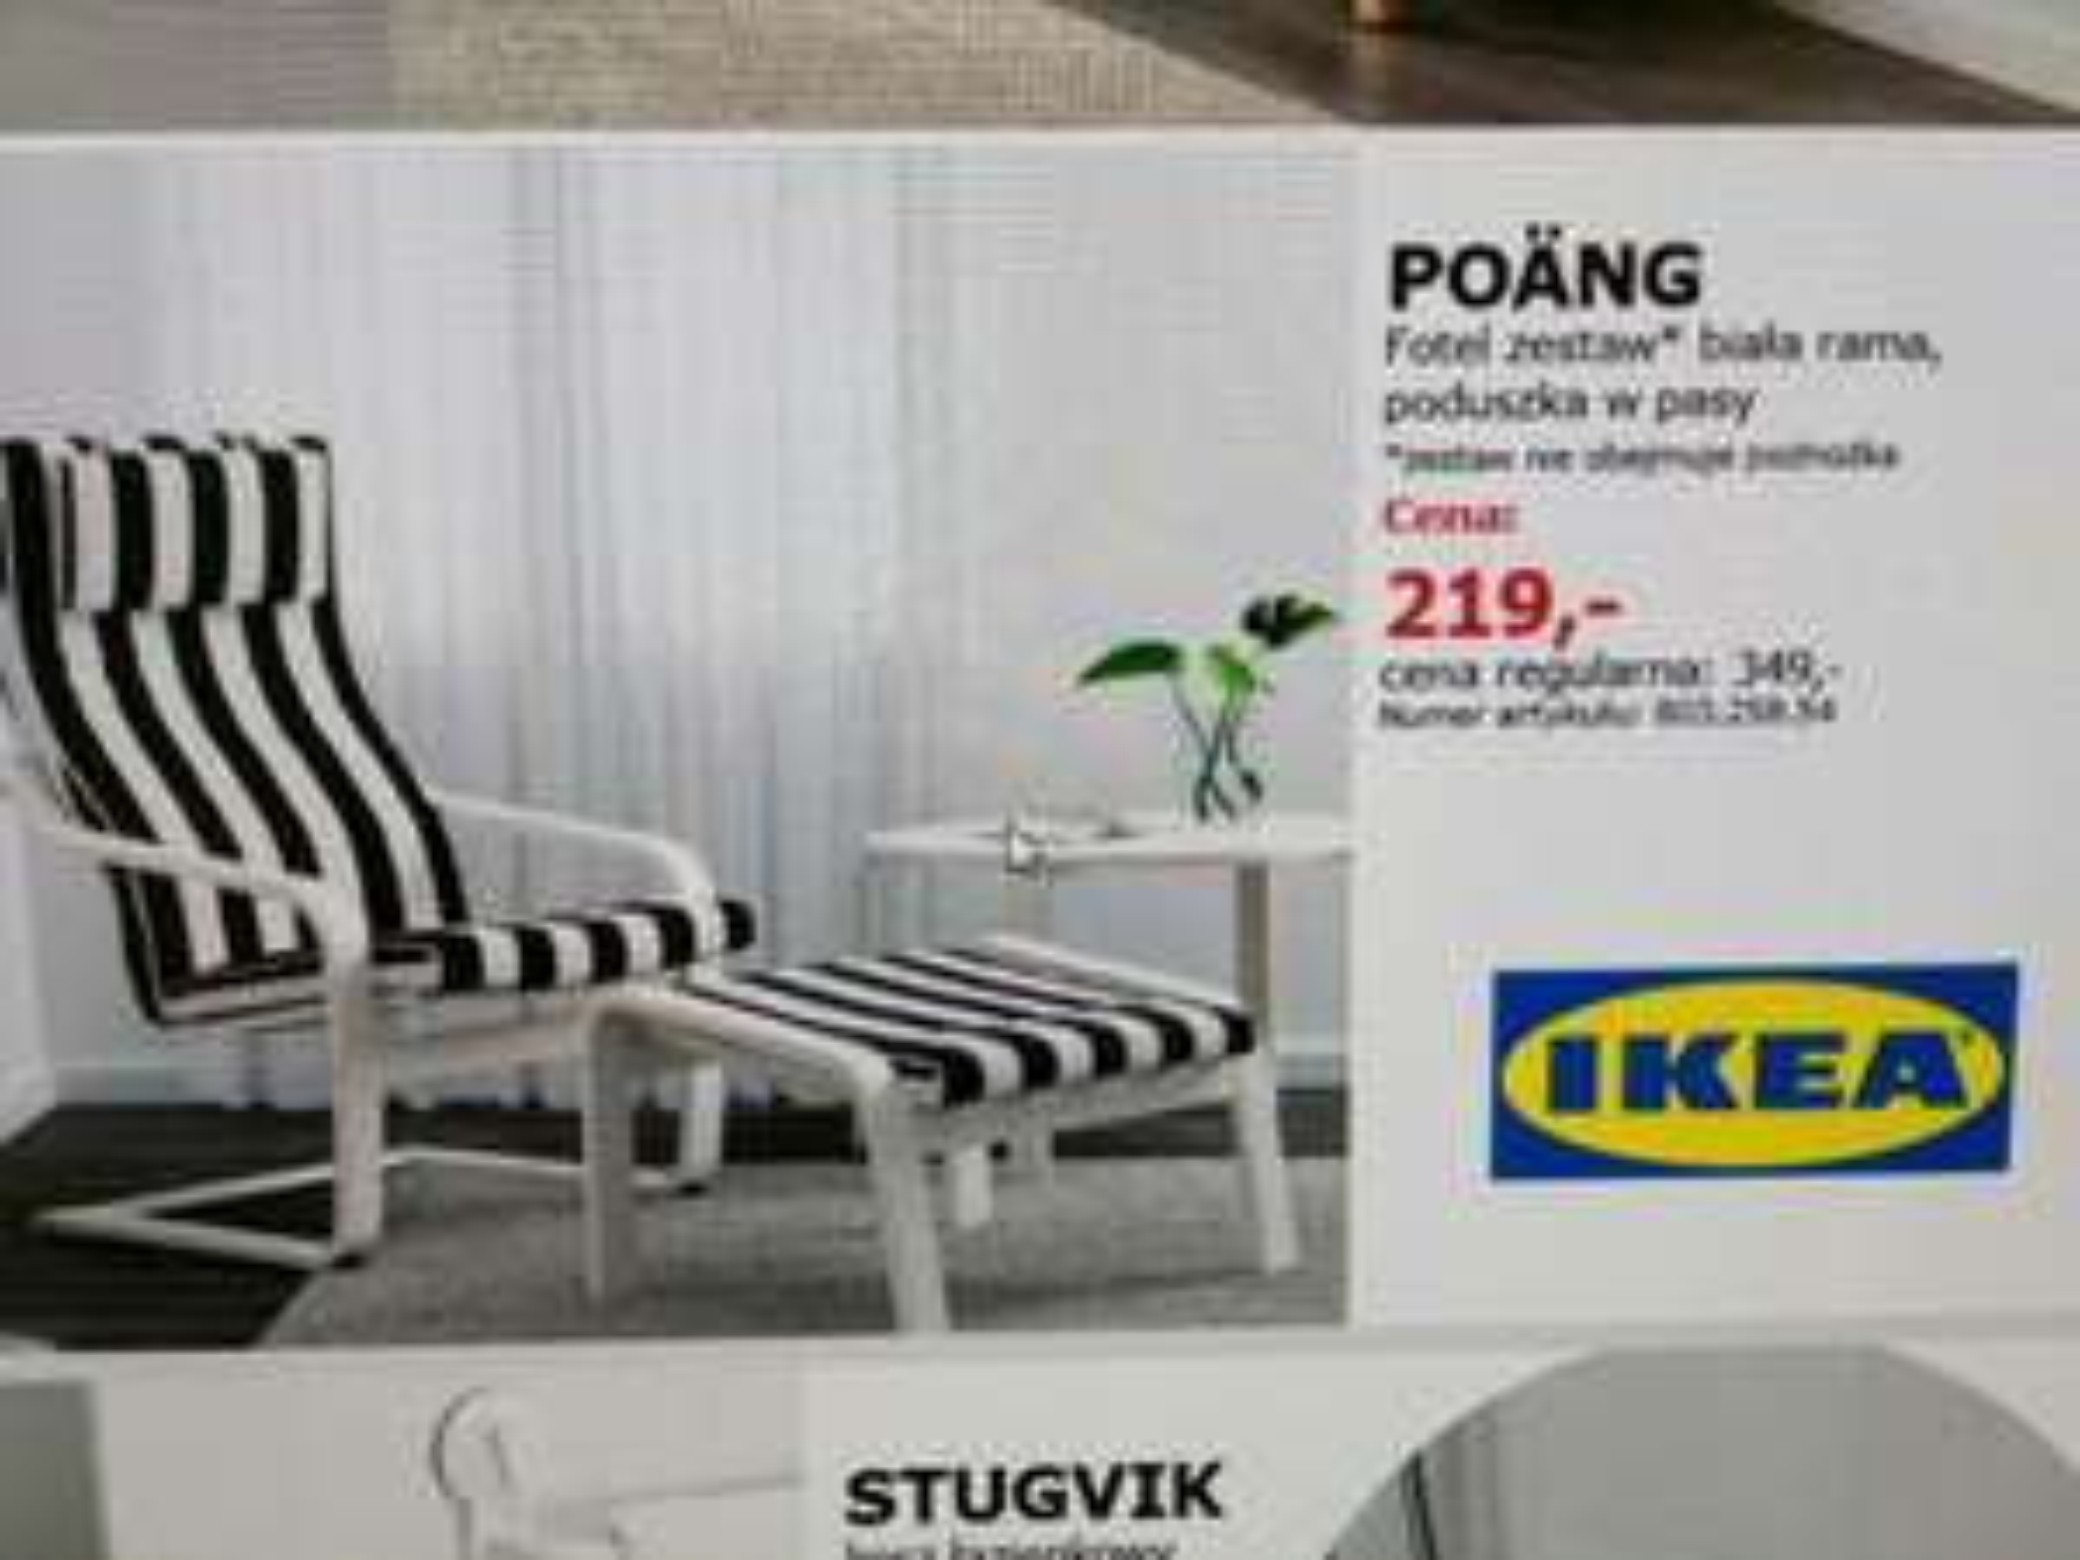 Wyprzedaż w IKEA Lublin, gazetka